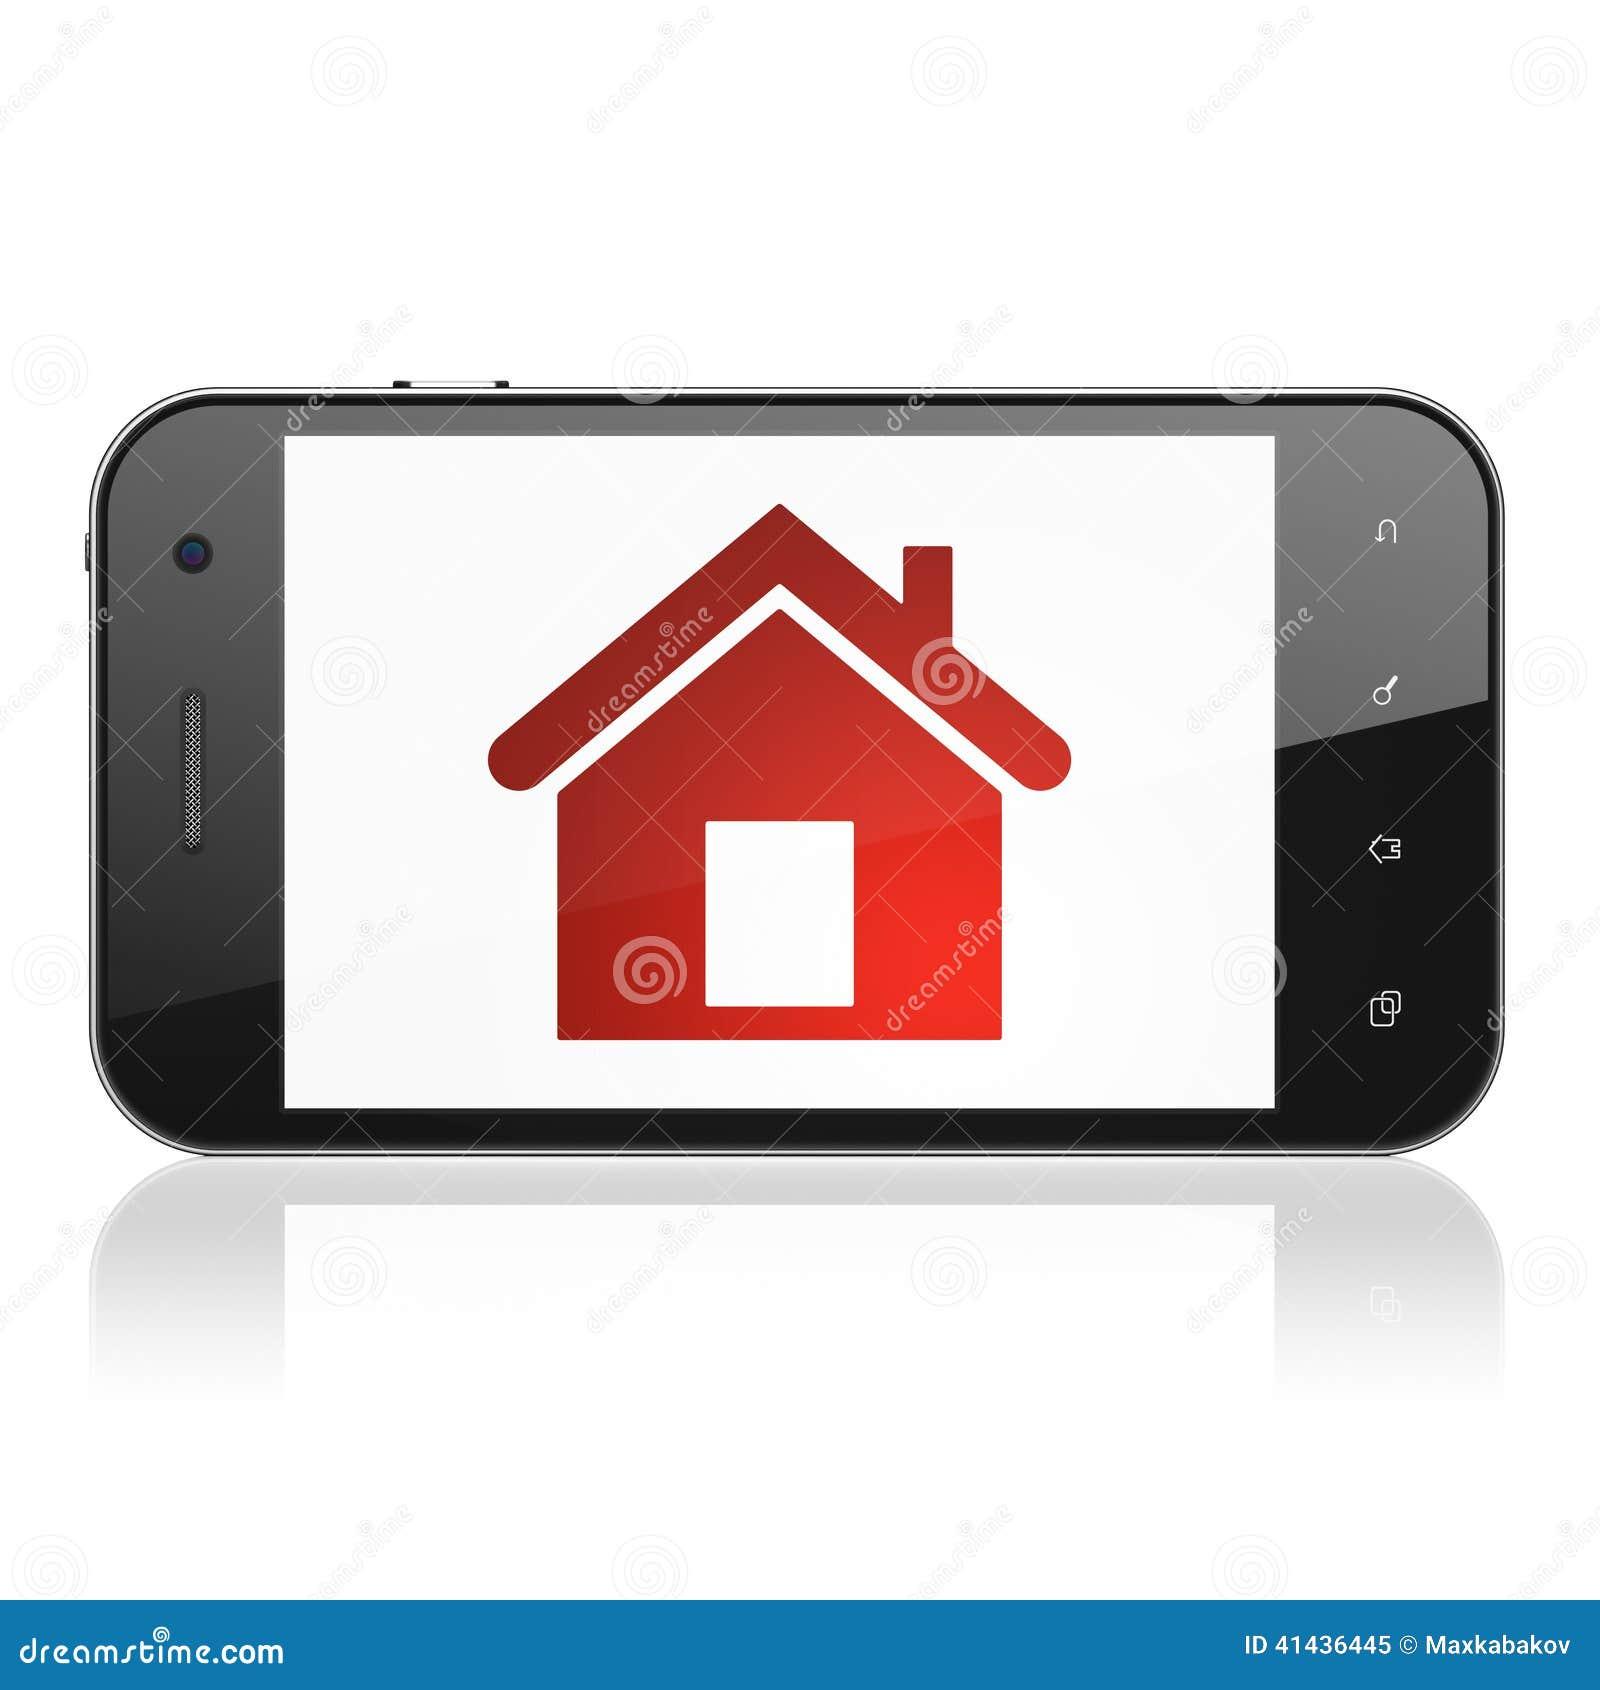 safety concept home on smartphone stock illustration illustration of denied hack 41436445. Black Bedroom Furniture Sets. Home Design Ideas